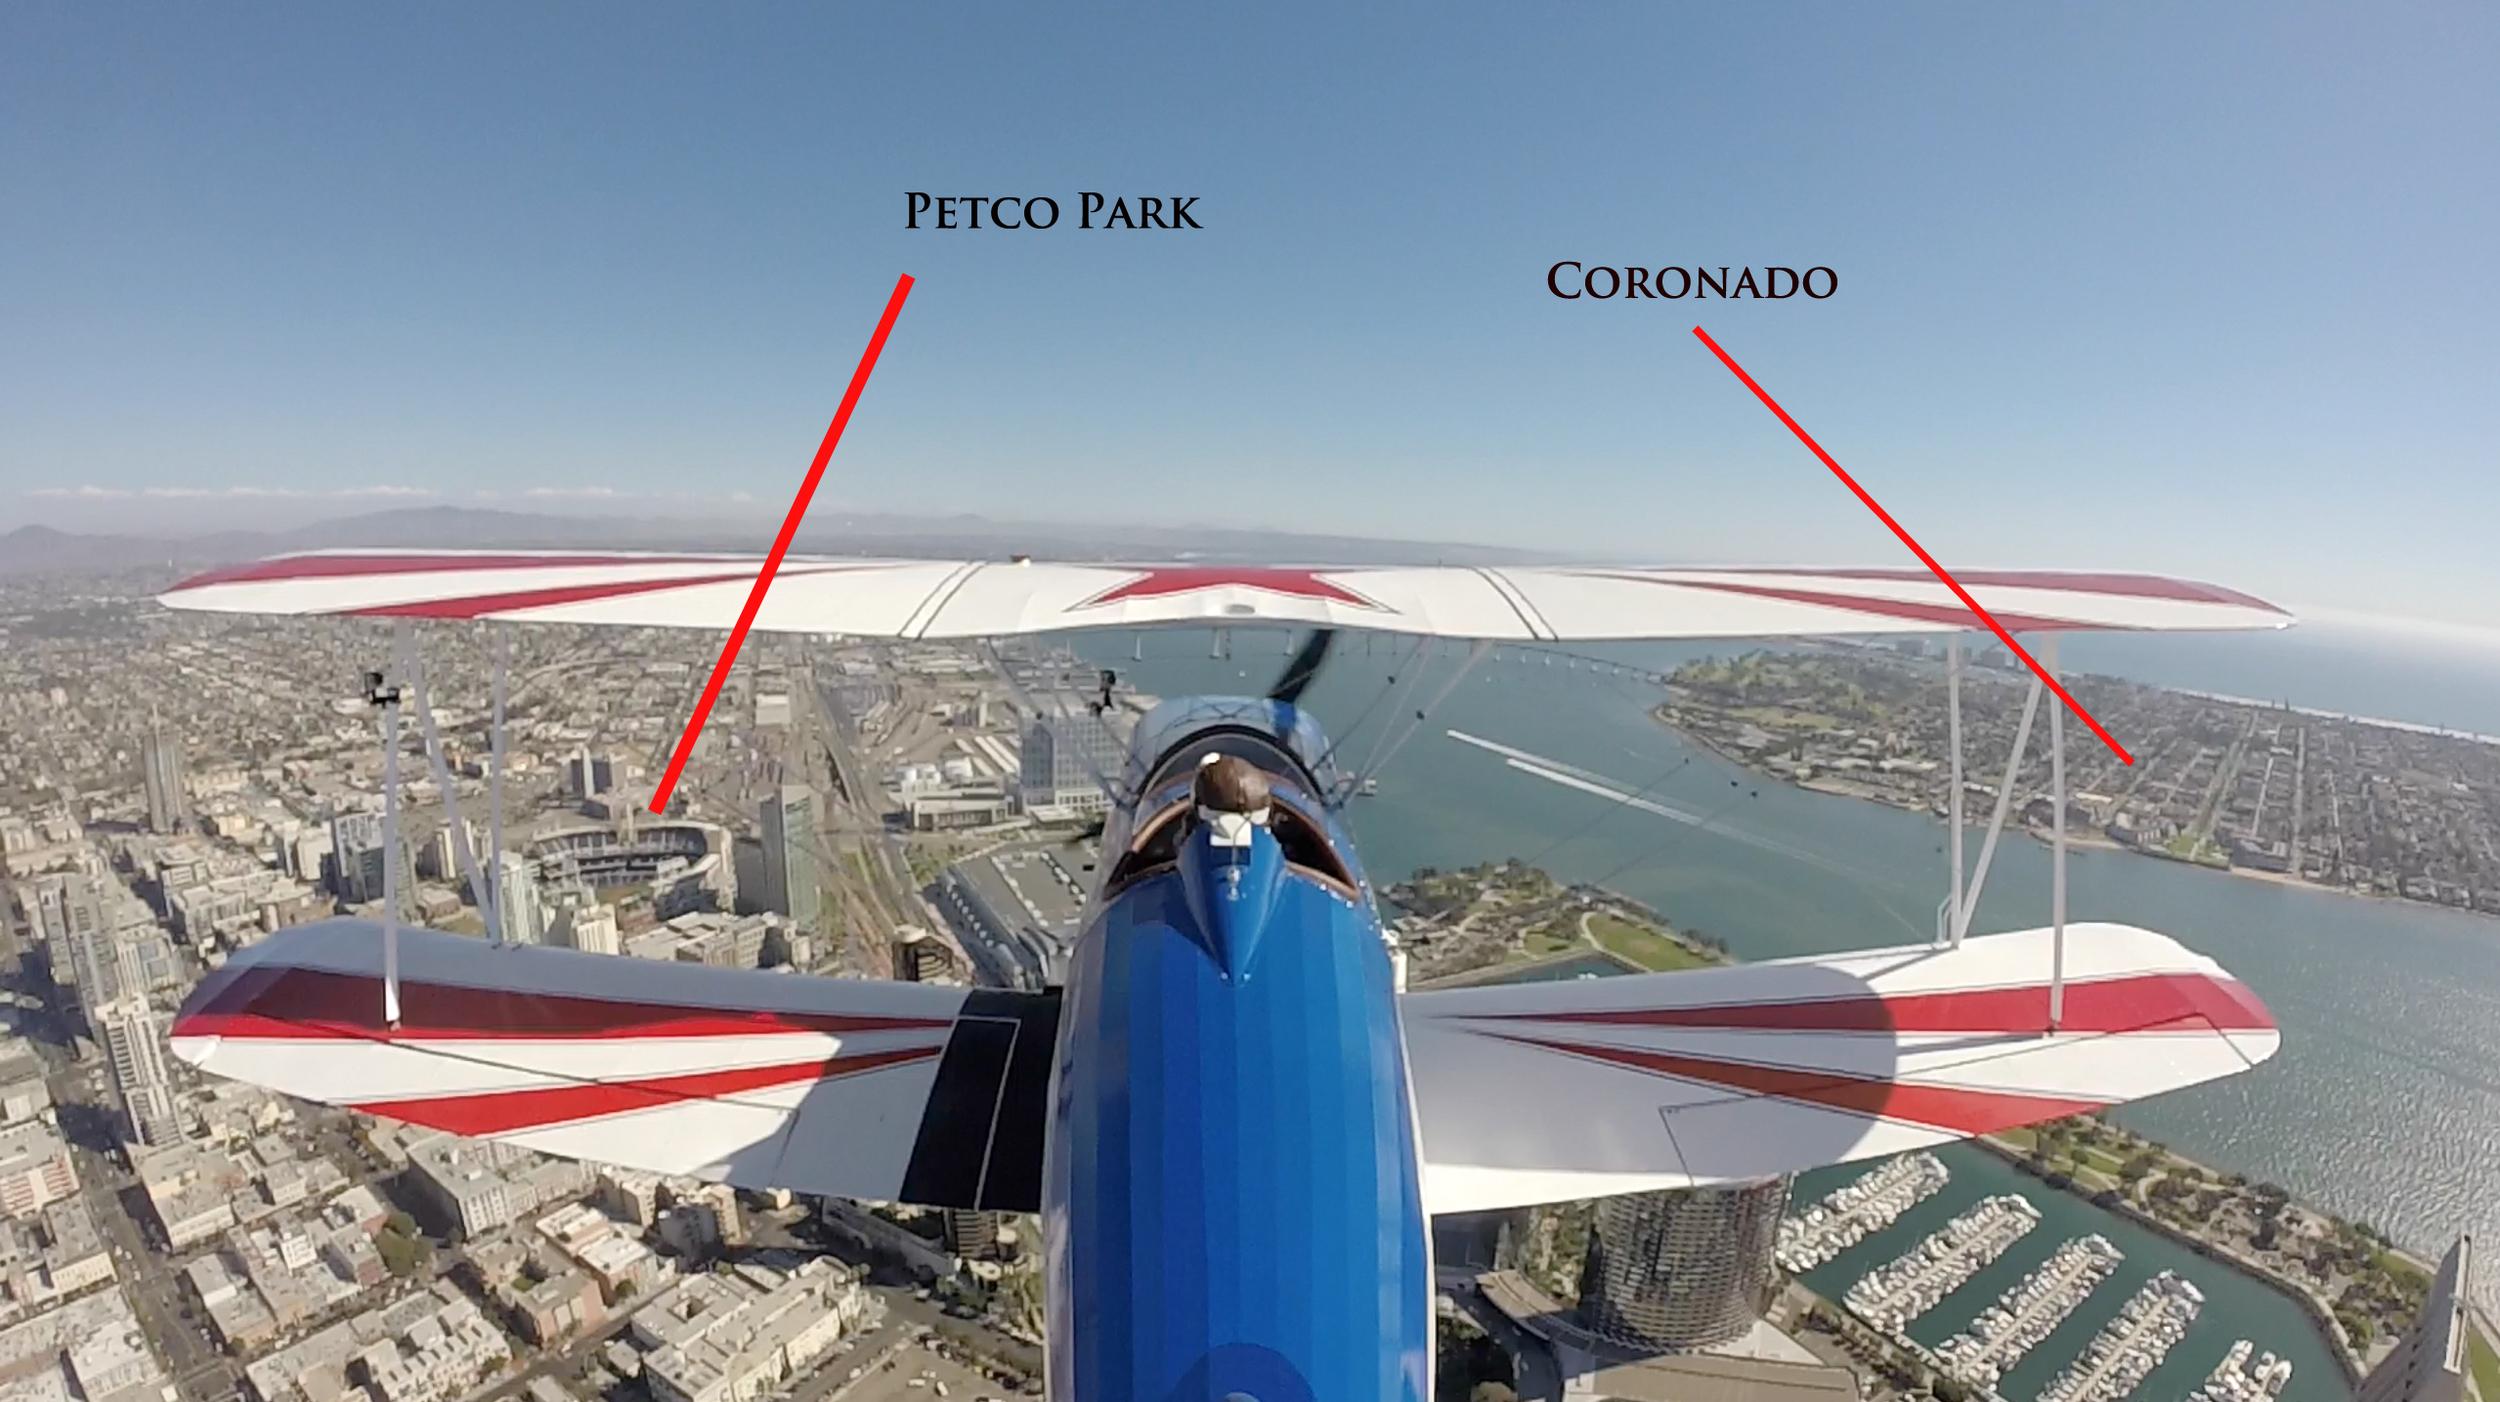 coronadoPetco.jpg